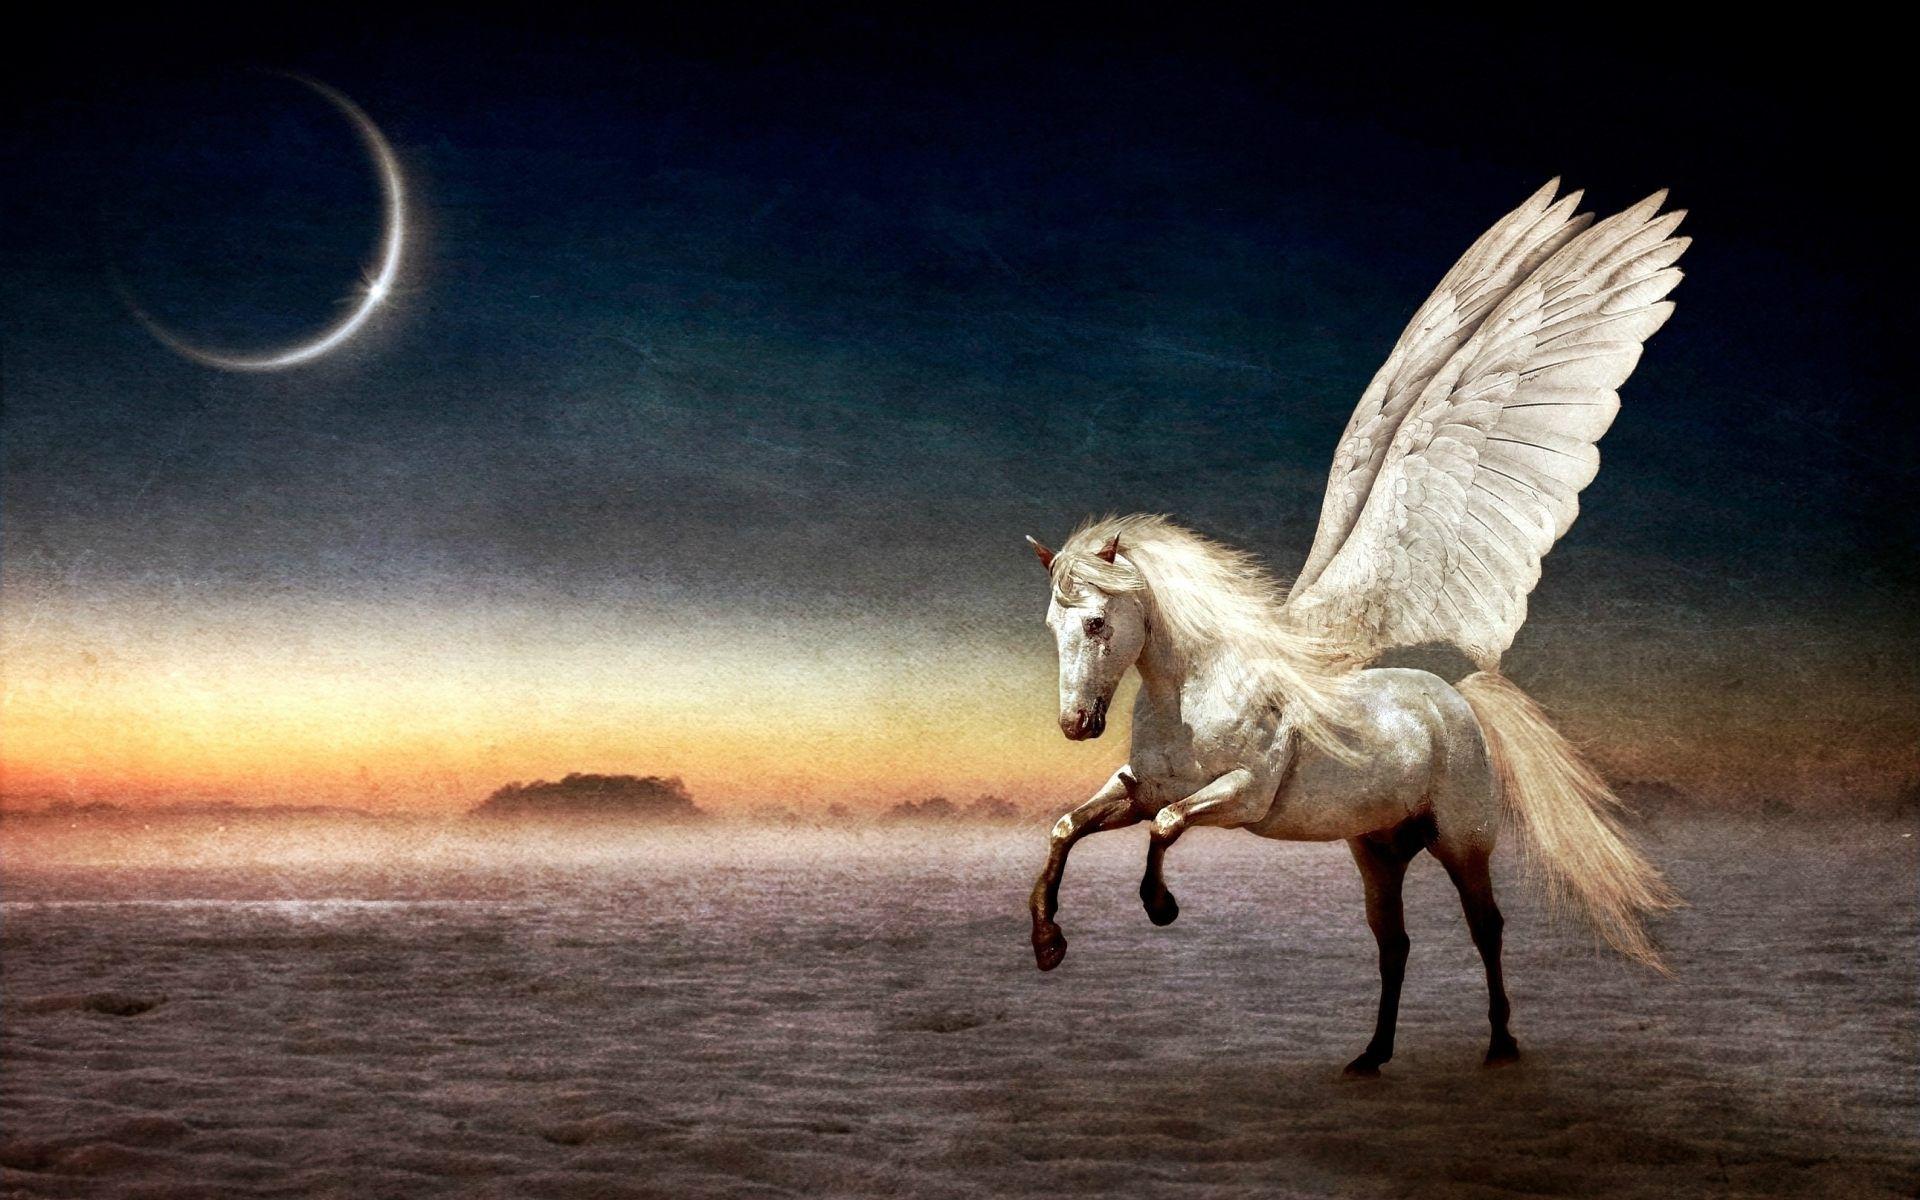 Pegasus Flying Horse Wallpaper For Desktop, PC & Mobile ...